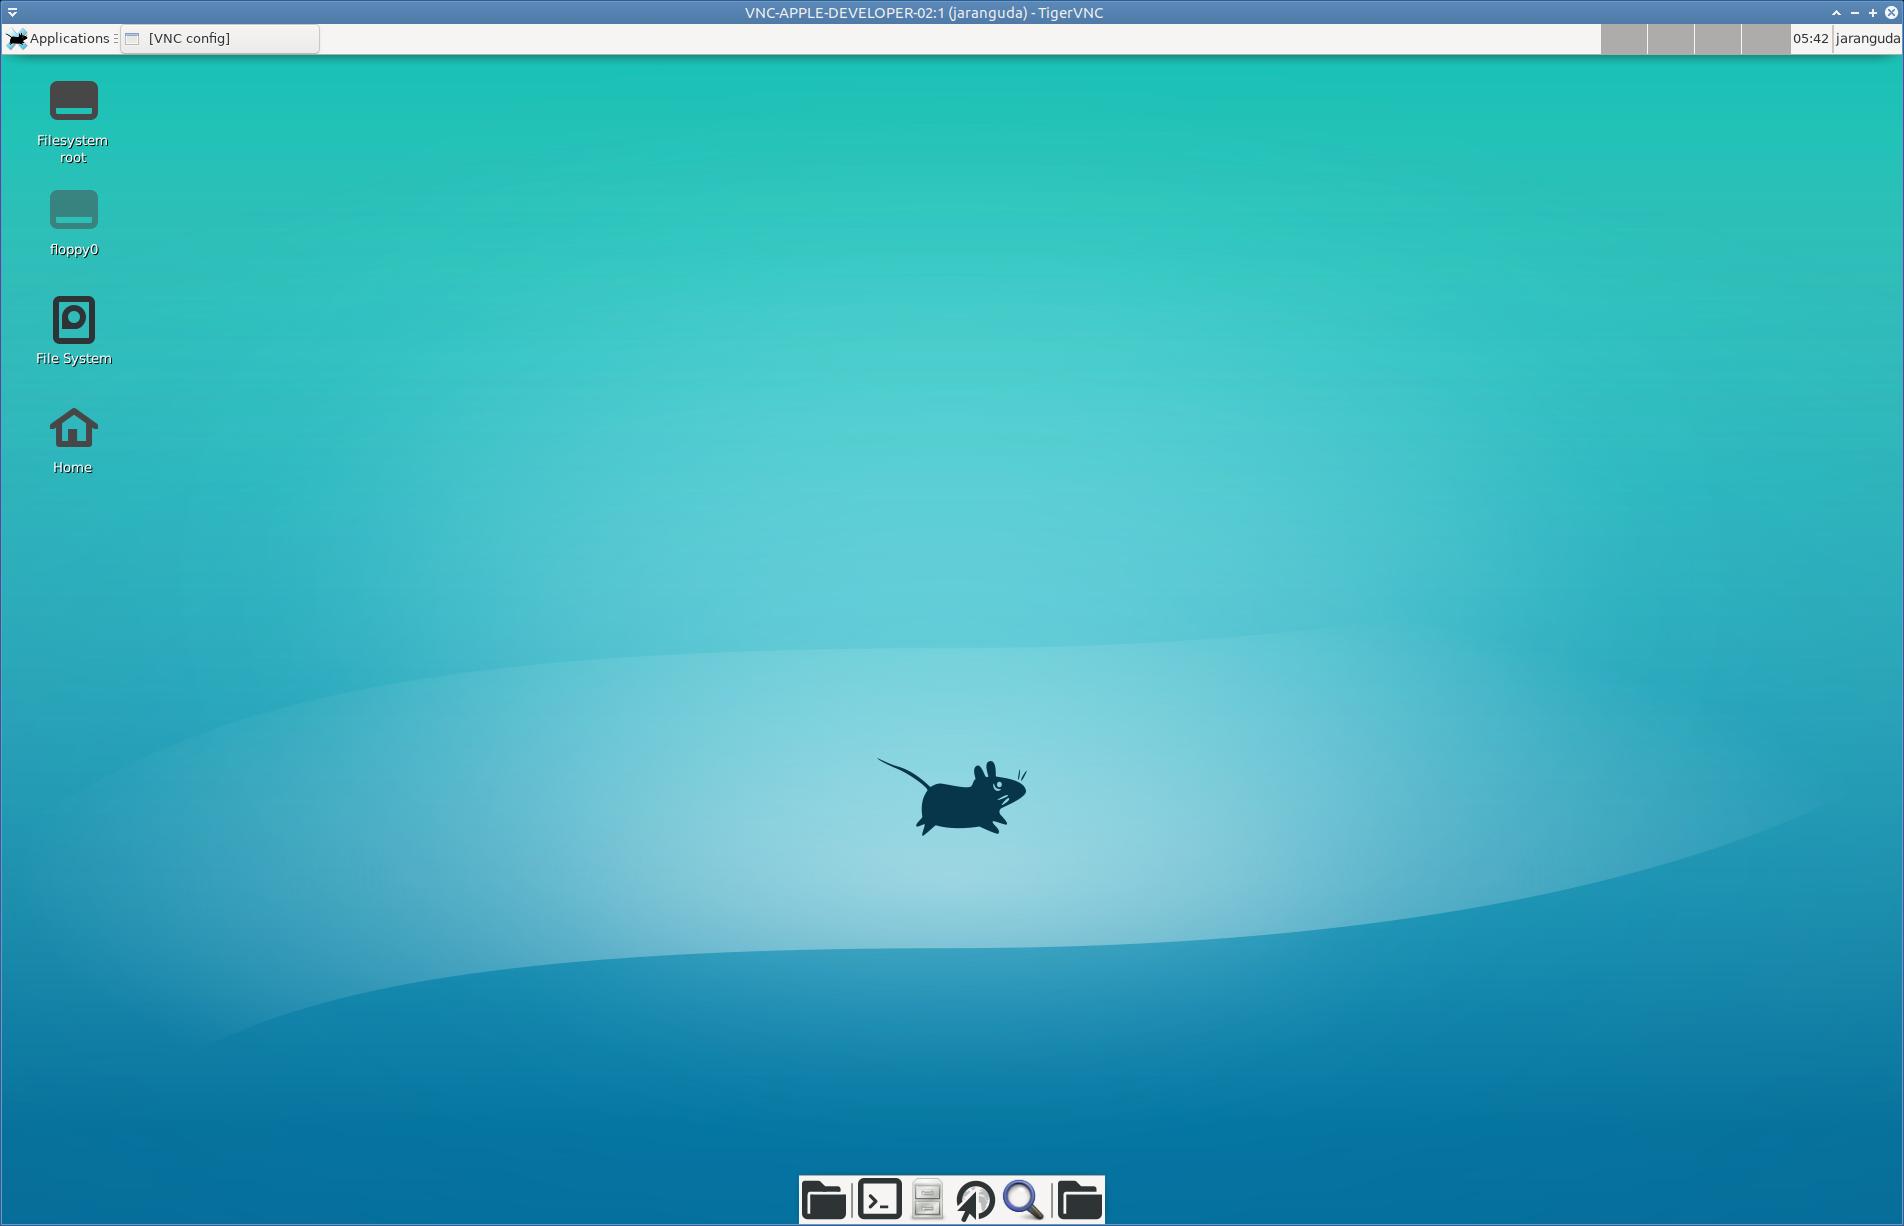 tampilan VNC XFCE4 Ubuntu 19.04